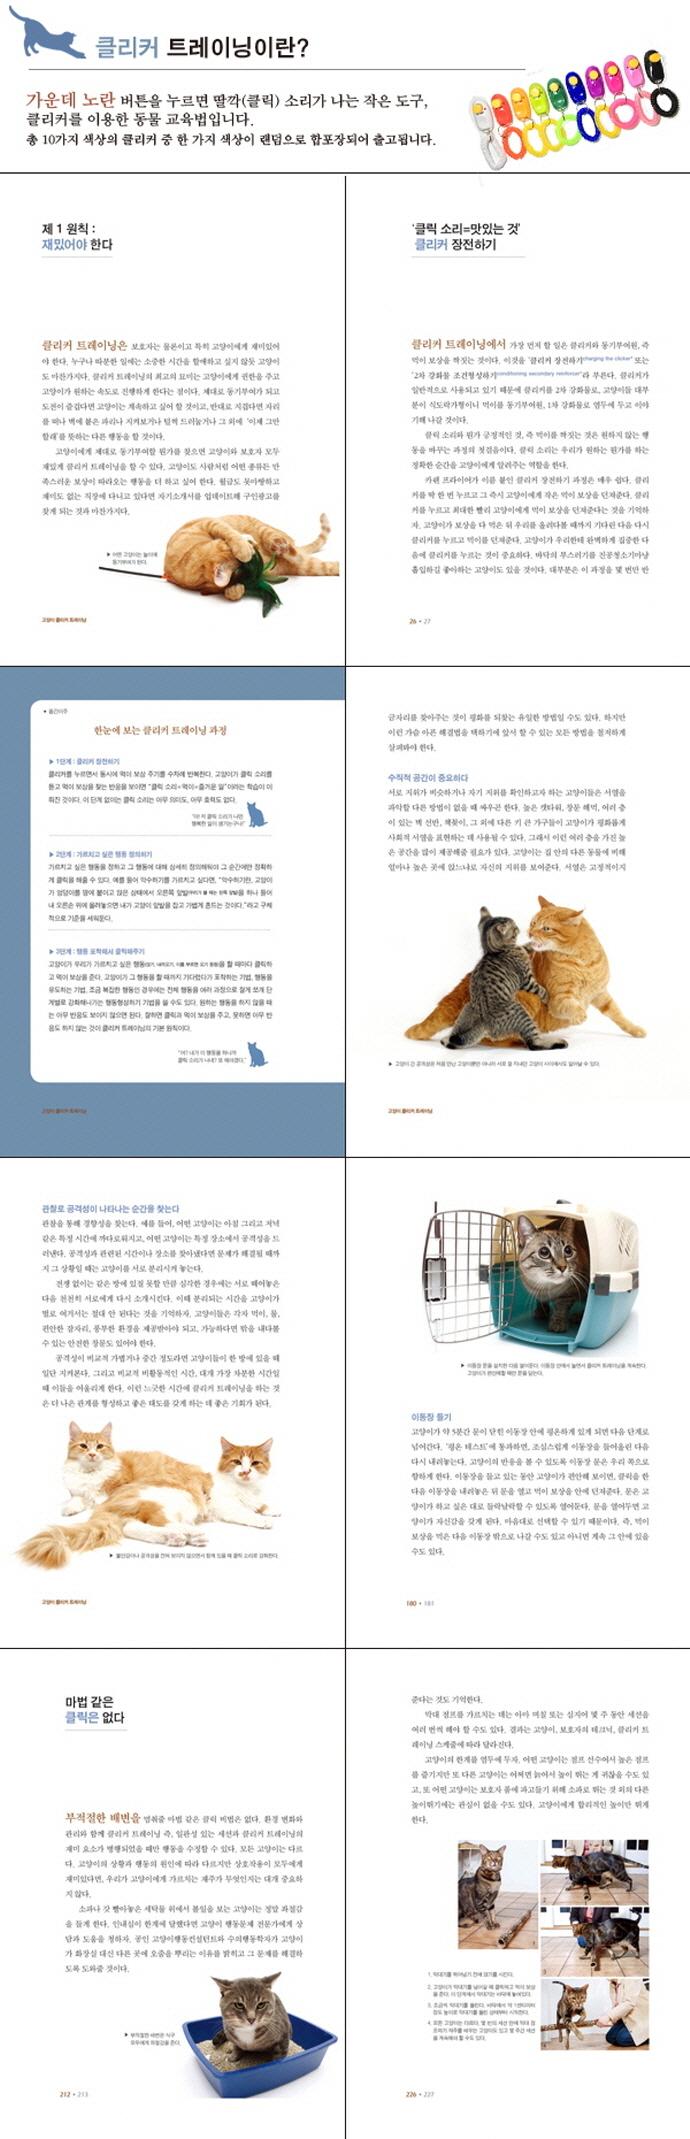 고양이 클리커 트레이닝 도서 상세이미지